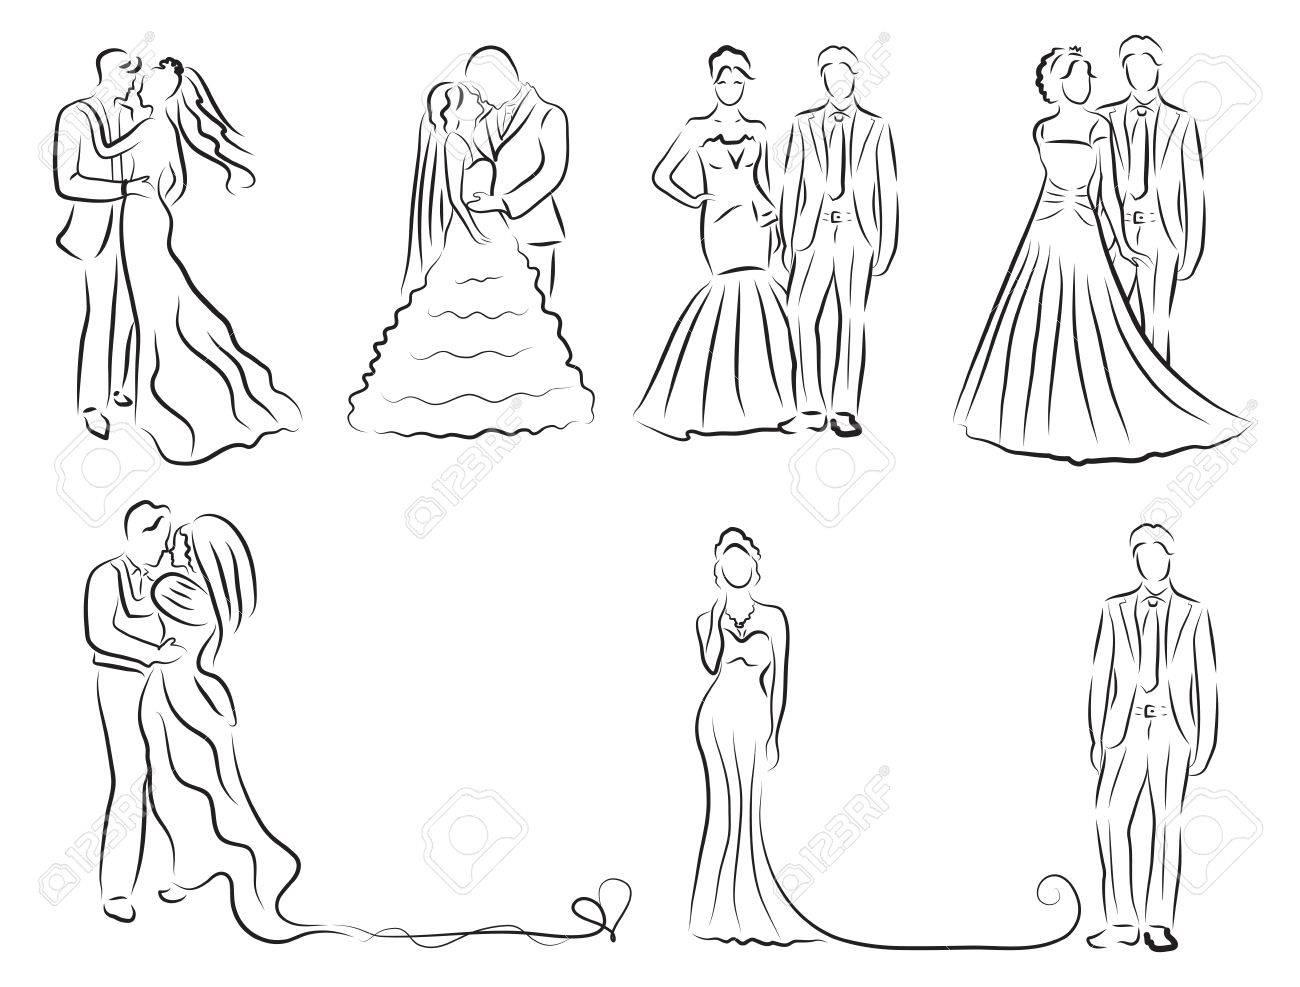 新郎新婦セット、新婚夫婦のスケッチ、手書き、結婚式招待状、ベクトル イラストのシルエット